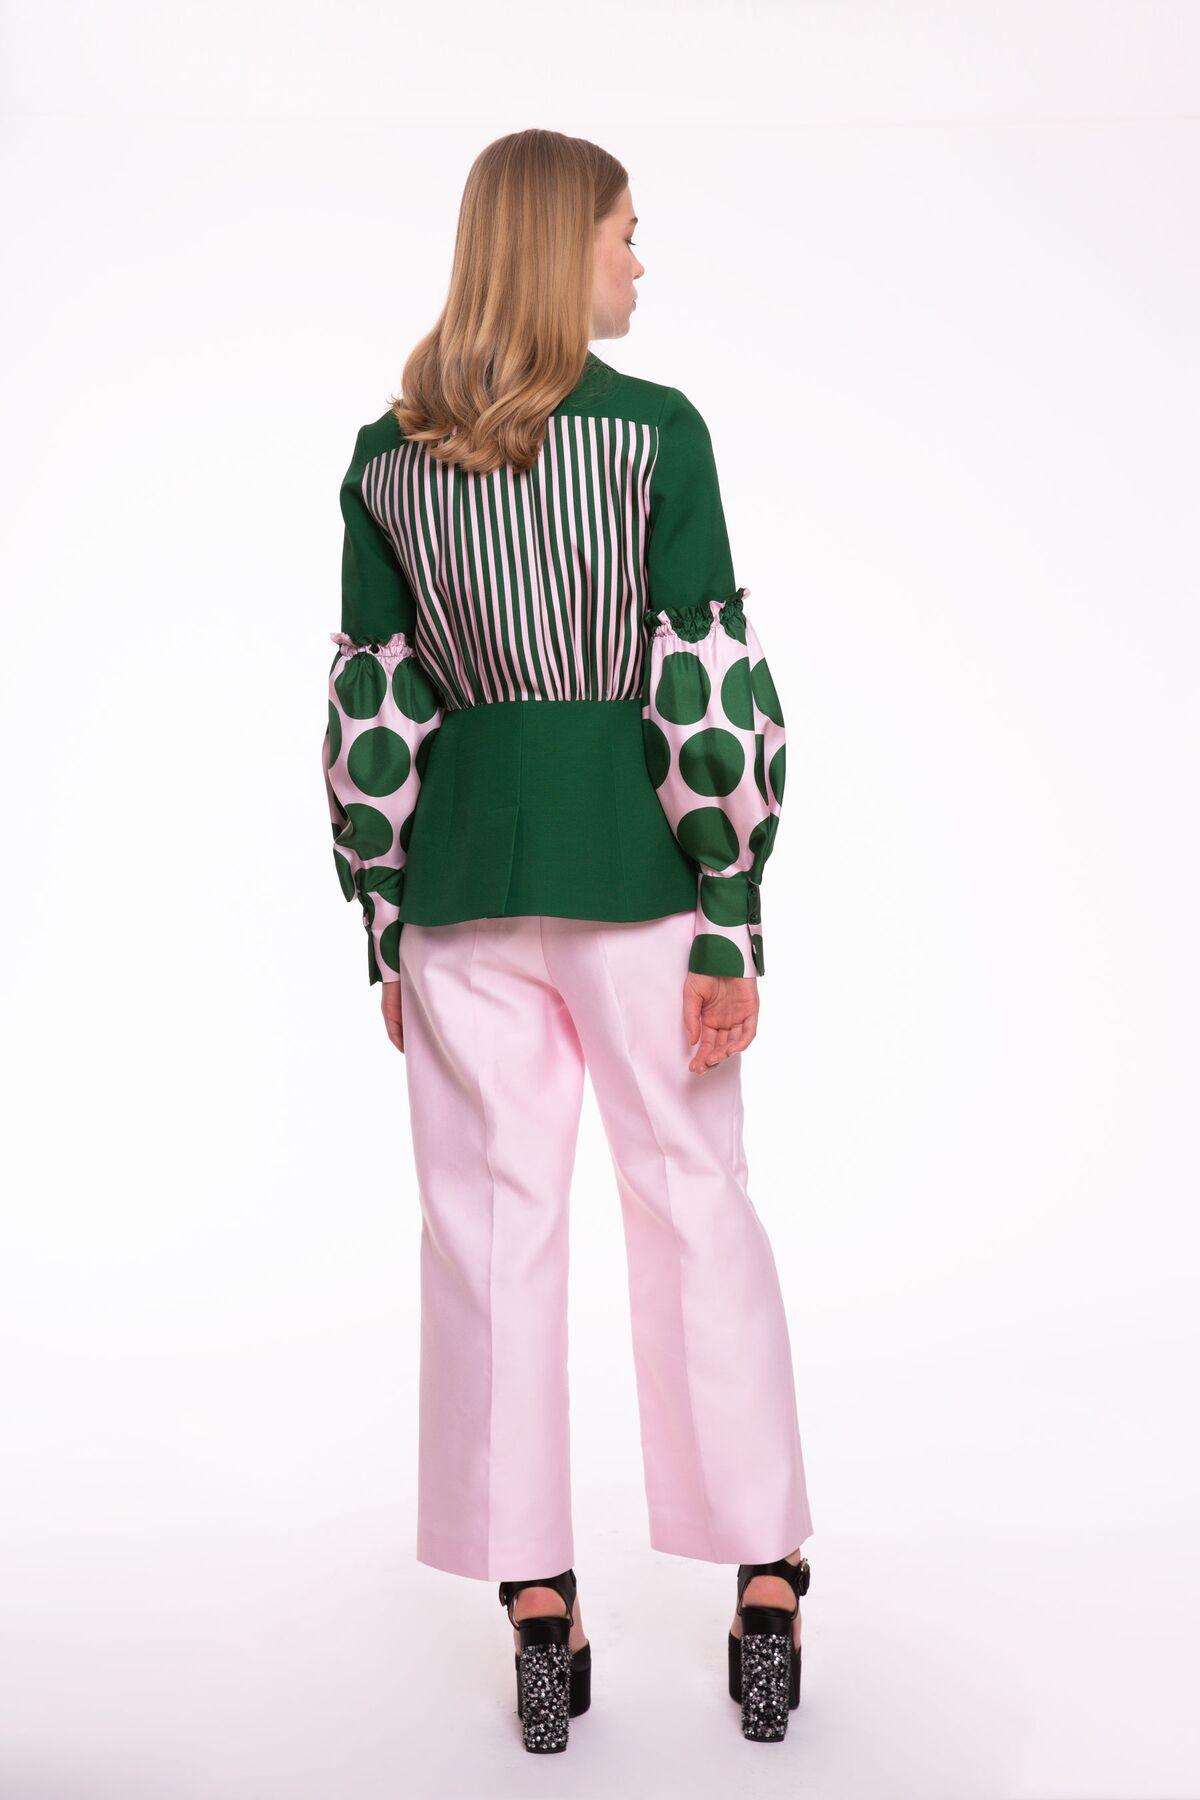 Kolları ve Sırtı Detaylı Yeşil Ceket